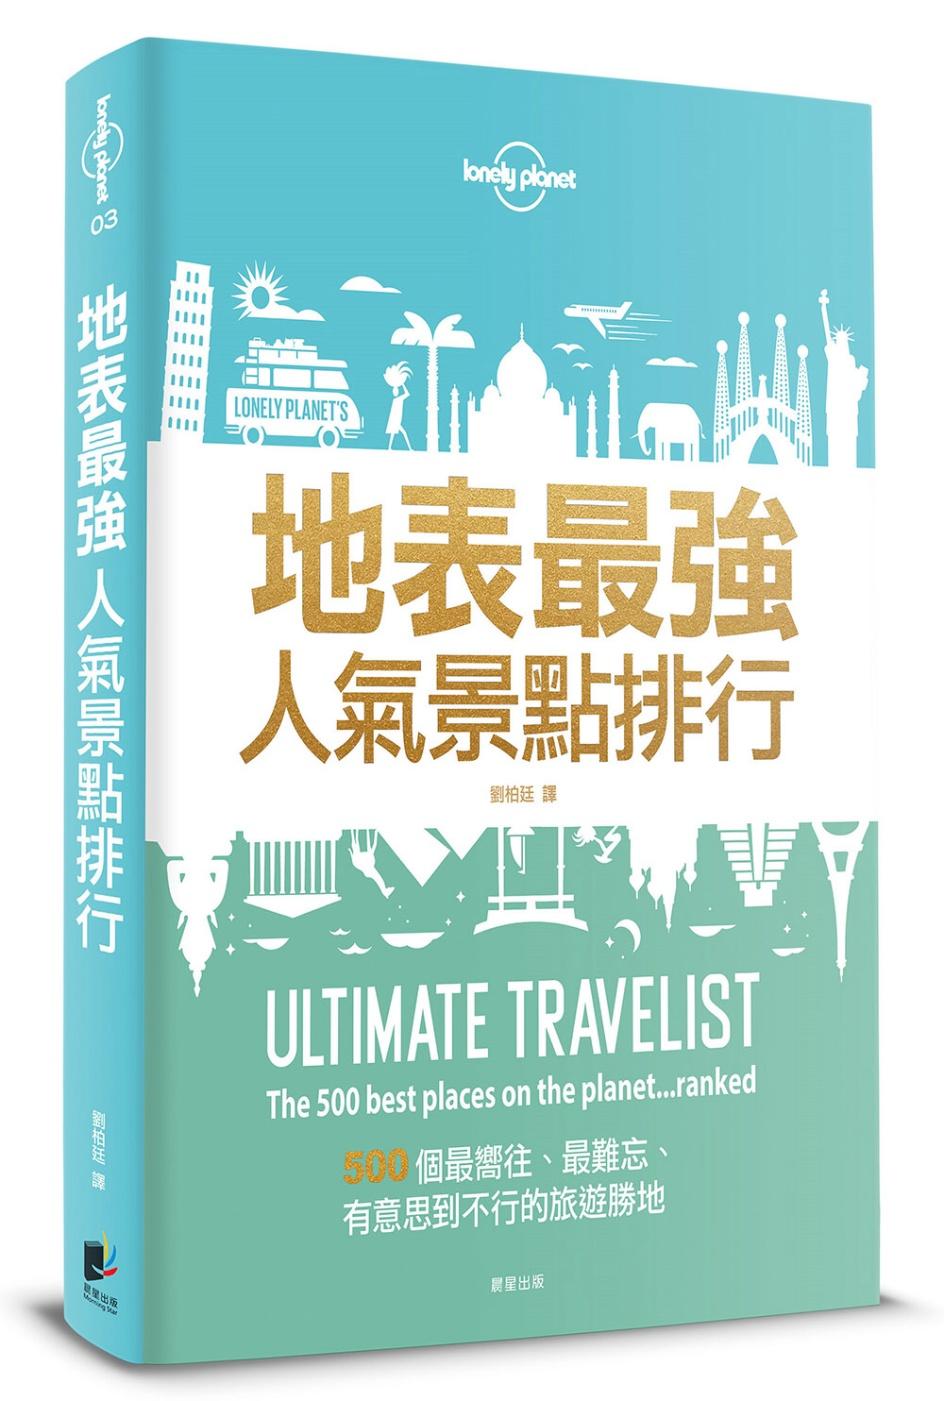 孤獨星球 地表最強人氣景點排行:500個最嚮往、最難忘、有意思到不行的旅遊勝地